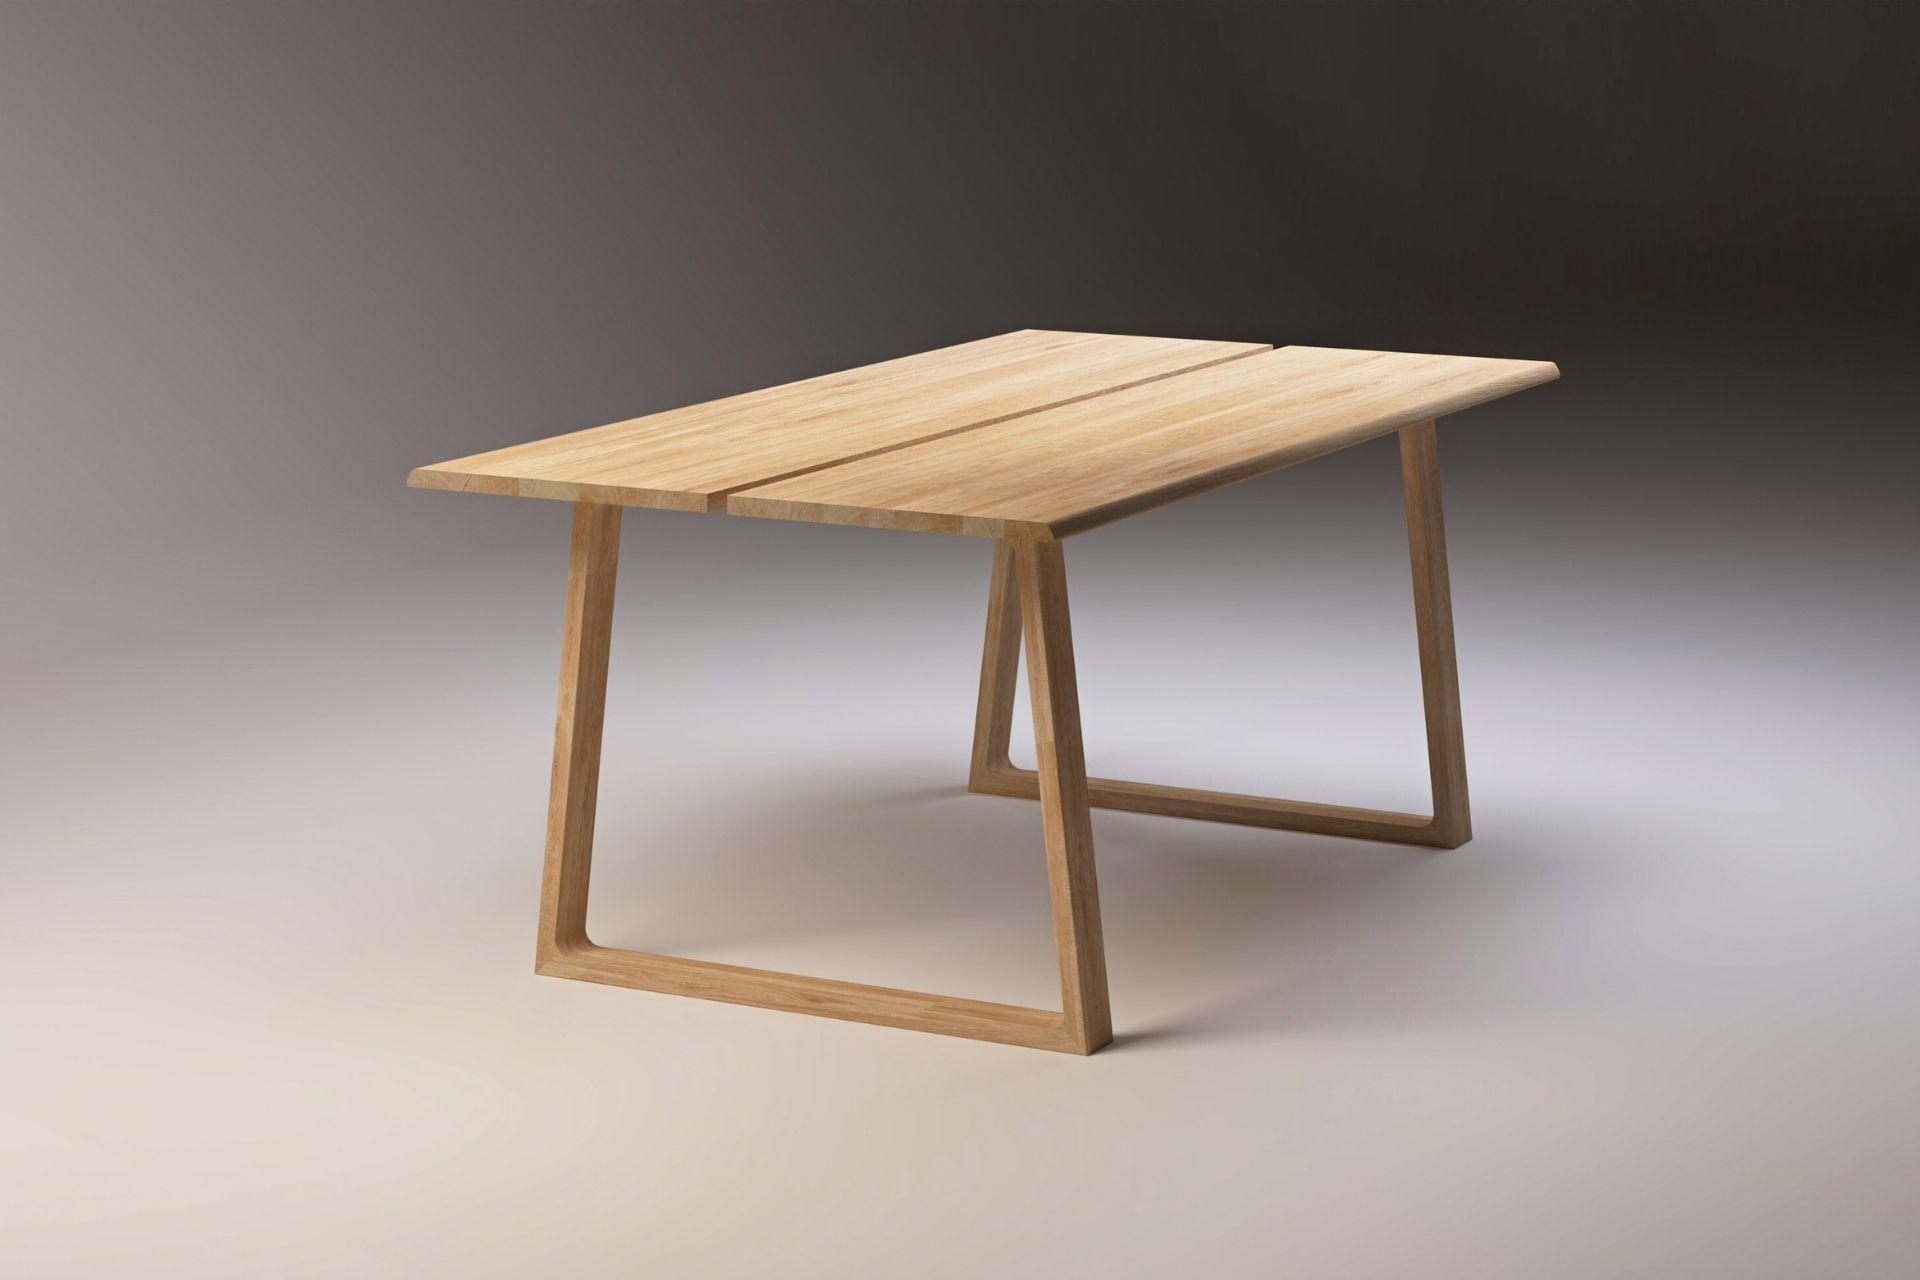 1_SLICE NATURE Moderner Esstisch aus Massivholz.jpg